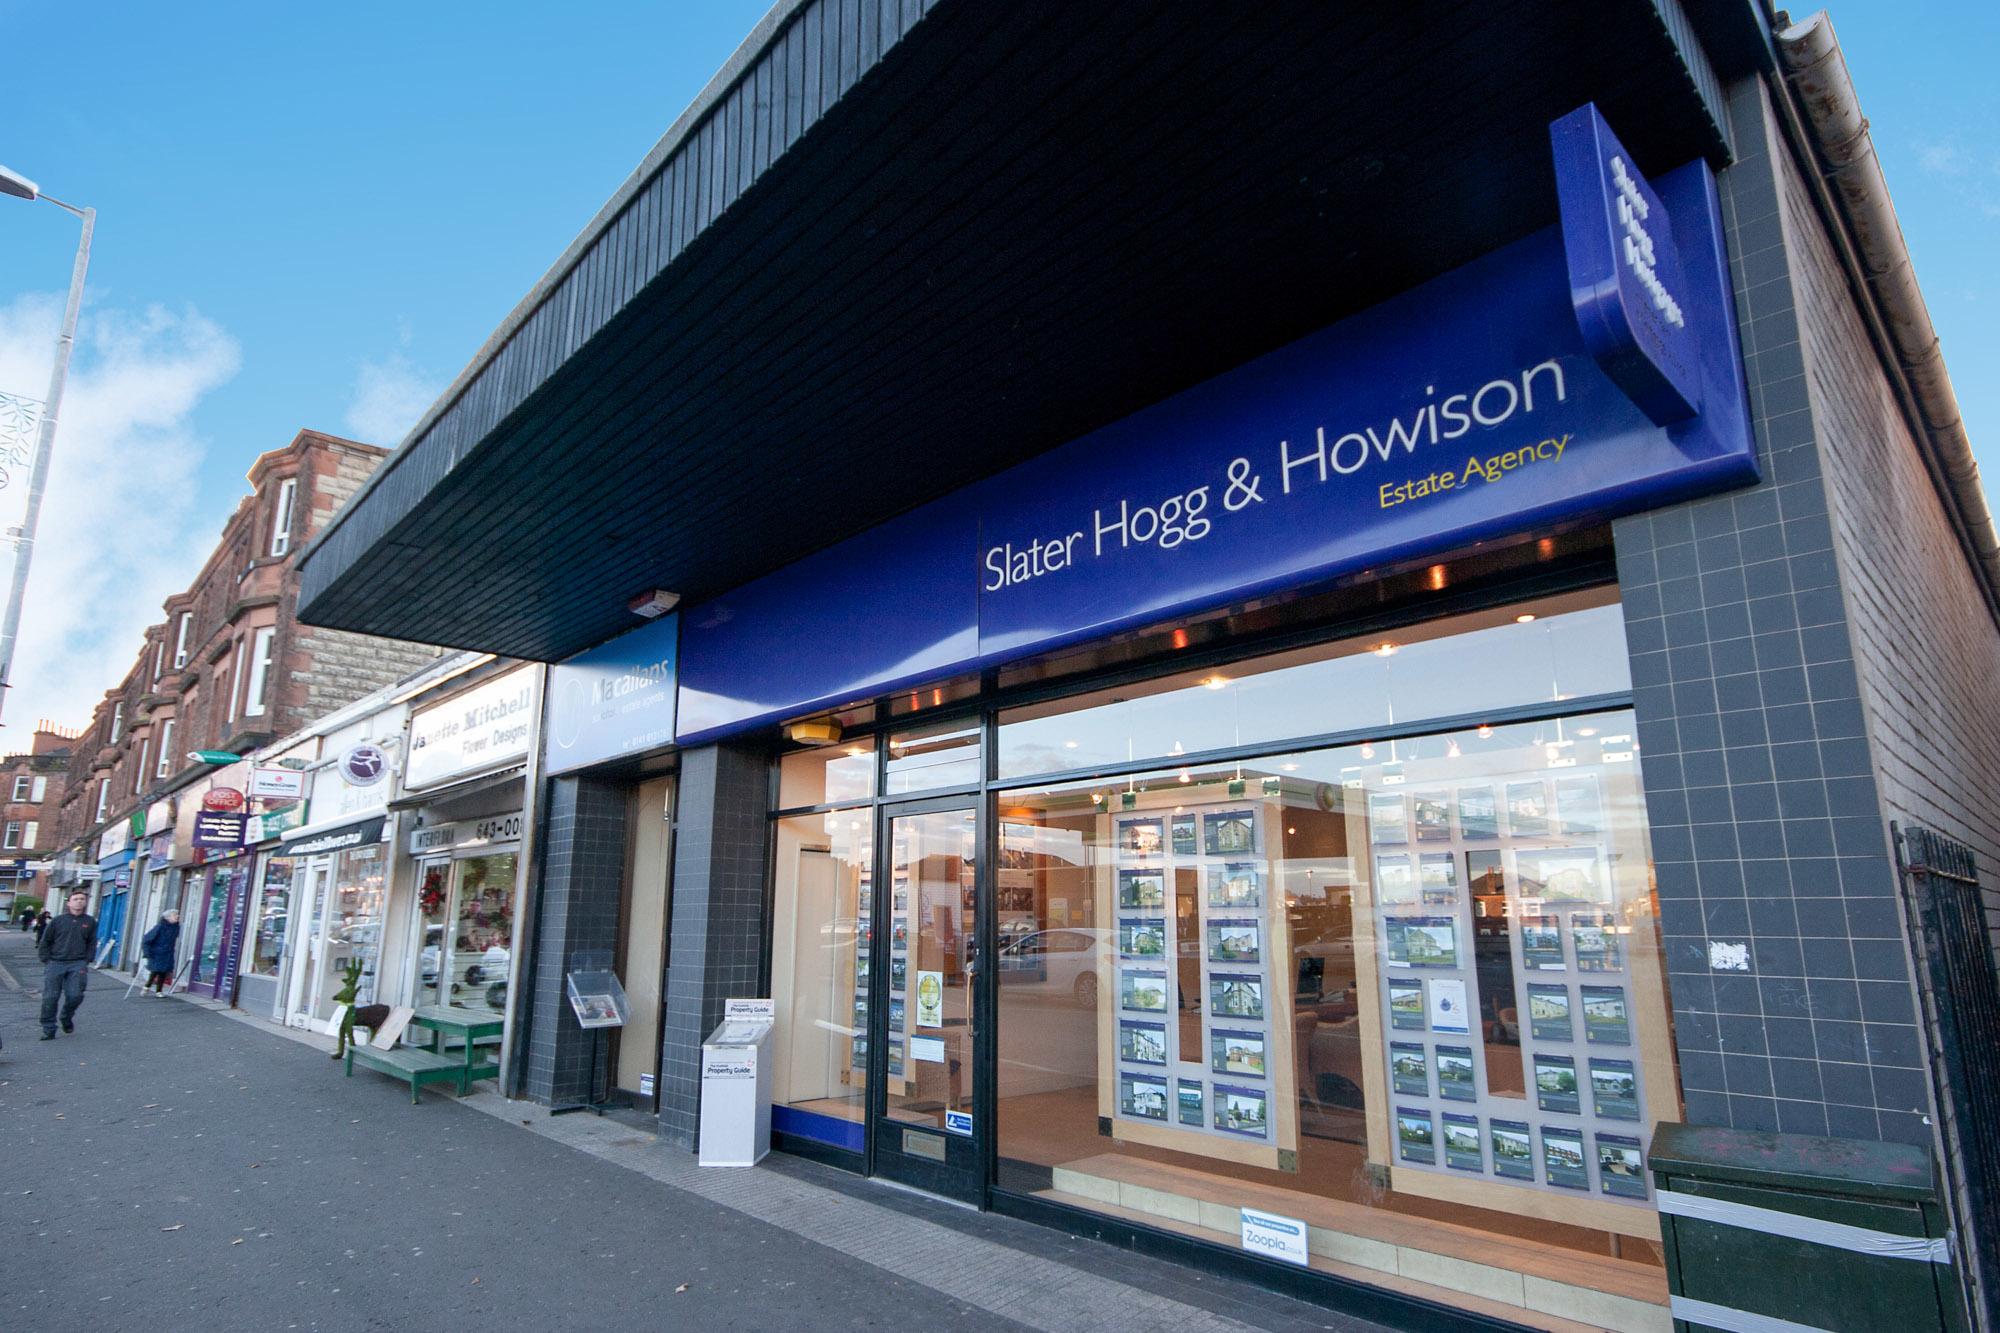 Slater Hogg & Howison Estate Agents Burnside